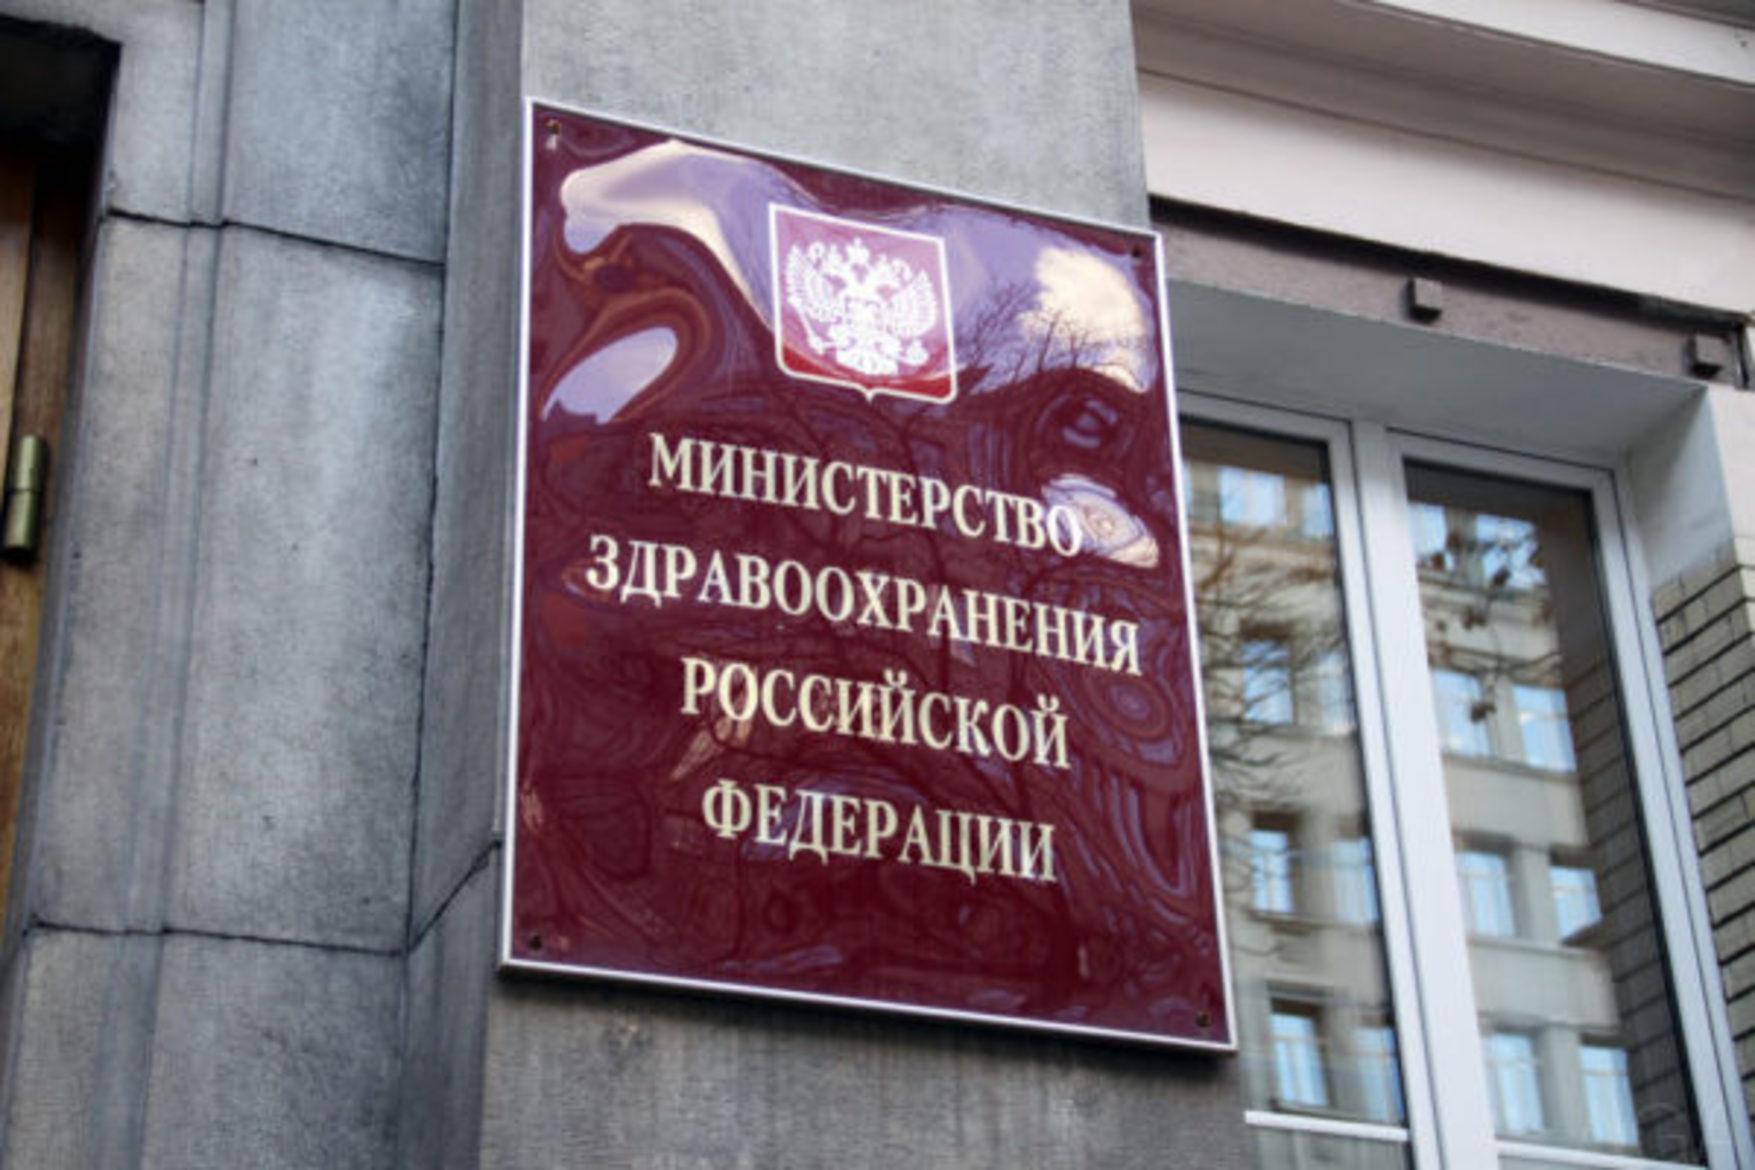 Минздрав не согласился с предложением создать спецучреждения для проведения абортов вне ОМС